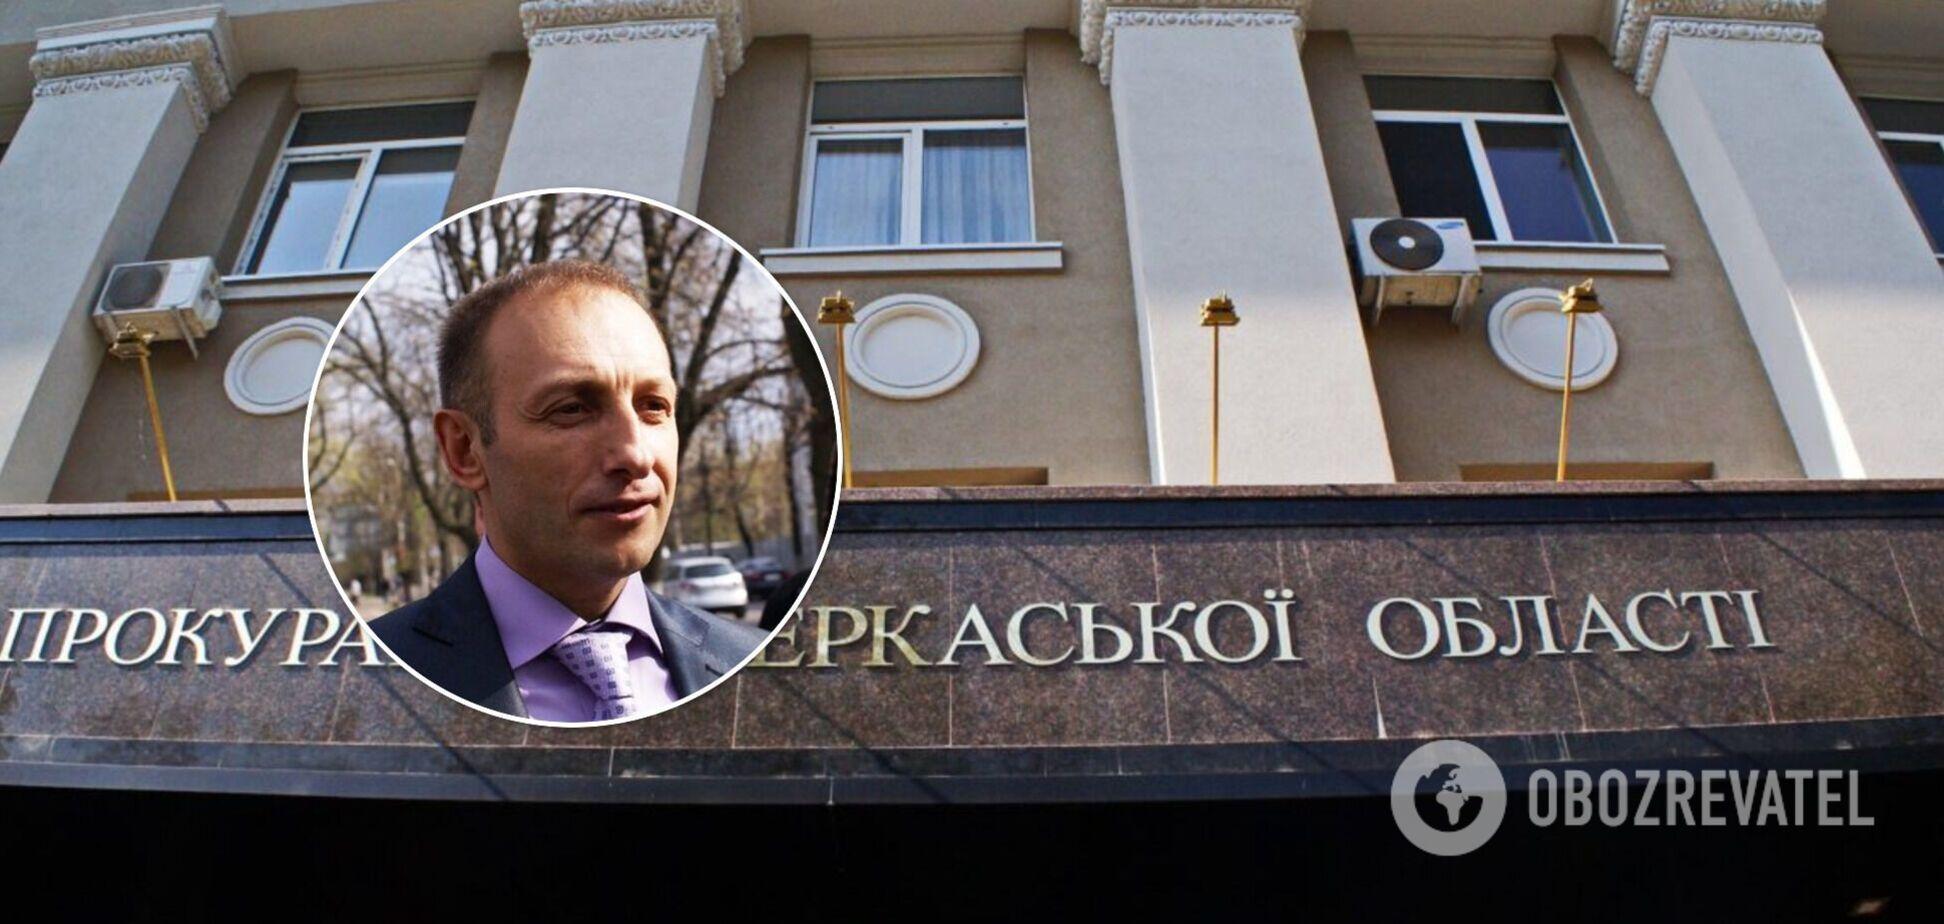 Люстрированный экс-глава прокуратуры Черкасской области должен получить 1 млн грн – решение суда